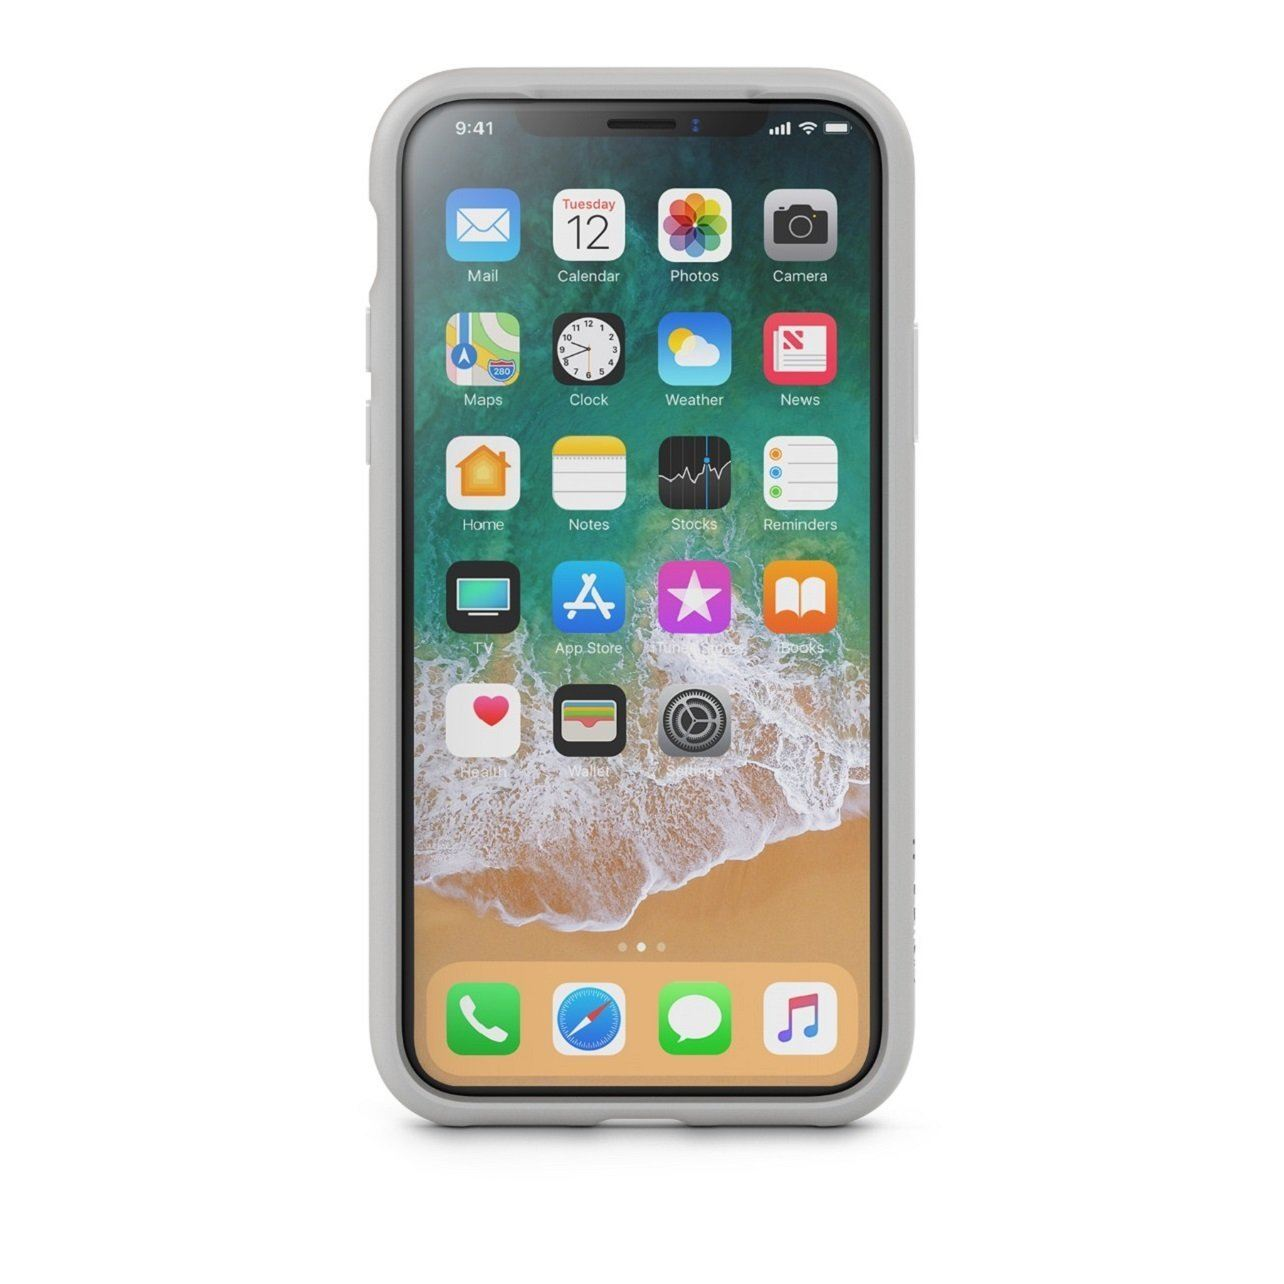 Indexbild 26 - Belkin sheerforce Elite Drop schützende resistente transparente Schutzhülle für iPhone x